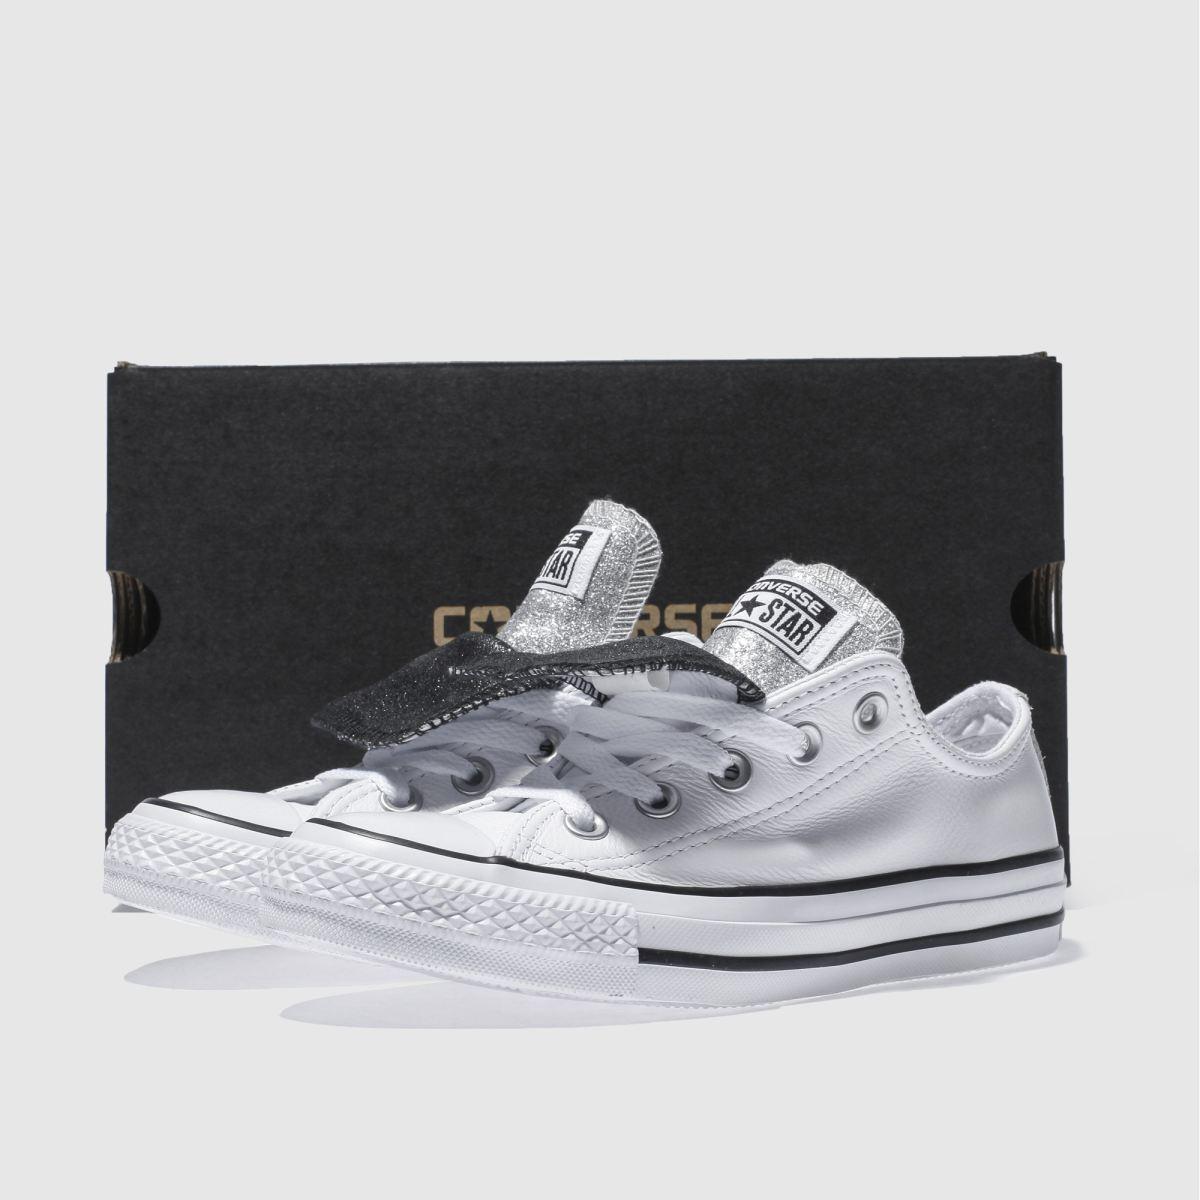 Damen Weiß-schwarz converse Ox All Star Double Tongue Ox converse Sneaker | schuh Gute Qualität beliebte Schuhe e35c21